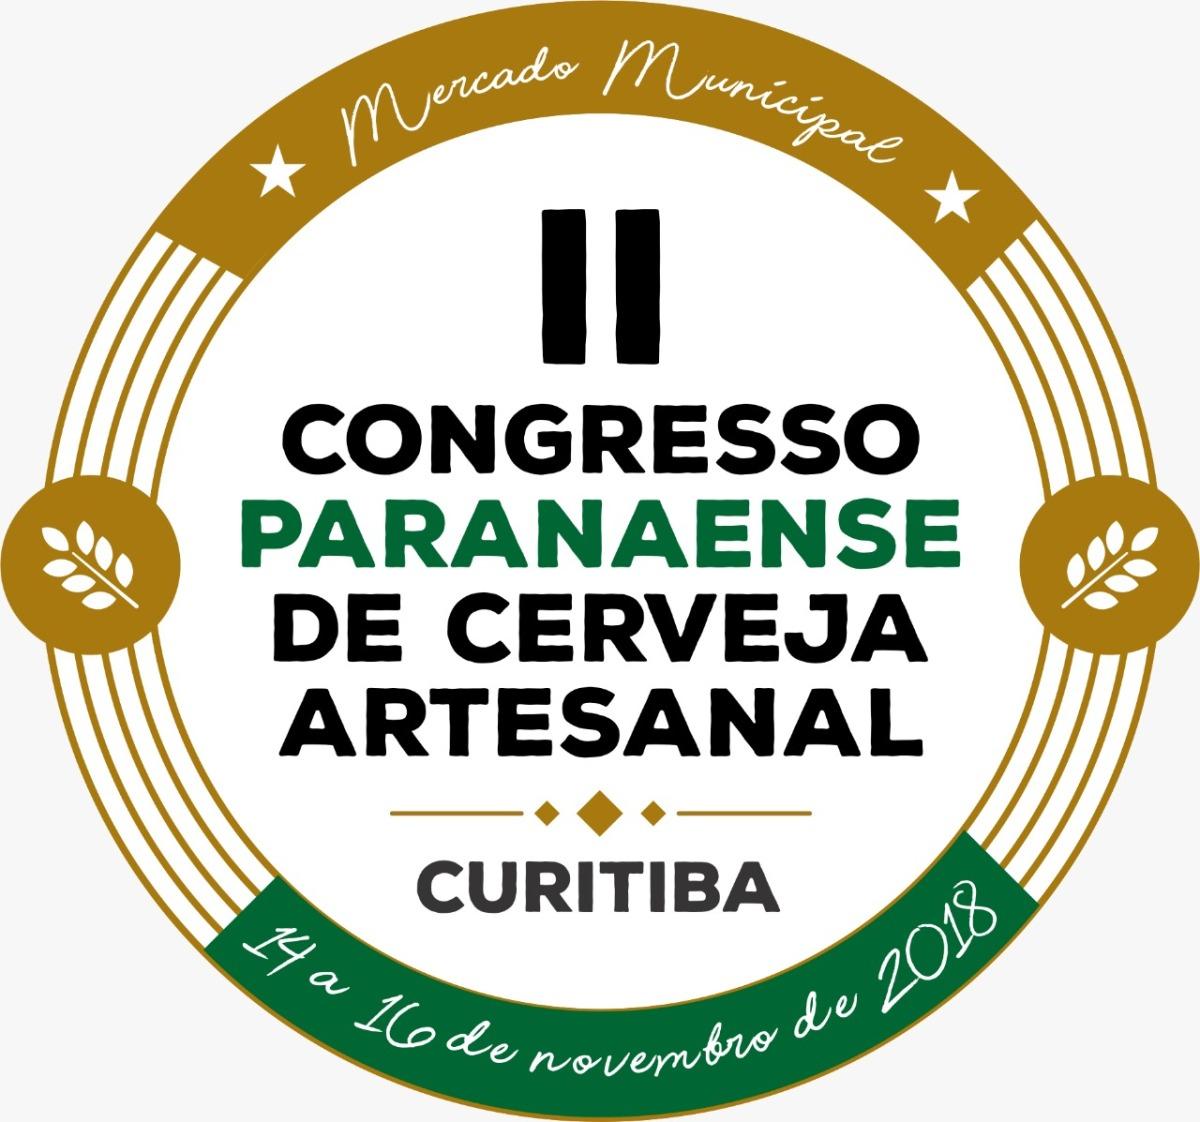 II CONGRESSO PARANAENSE DE CERVEJA ARTESANAL 14 A 16 DE NOVEMBRO AUDITÓRIO MERCADO MUNICIPAL DE CURITIBA